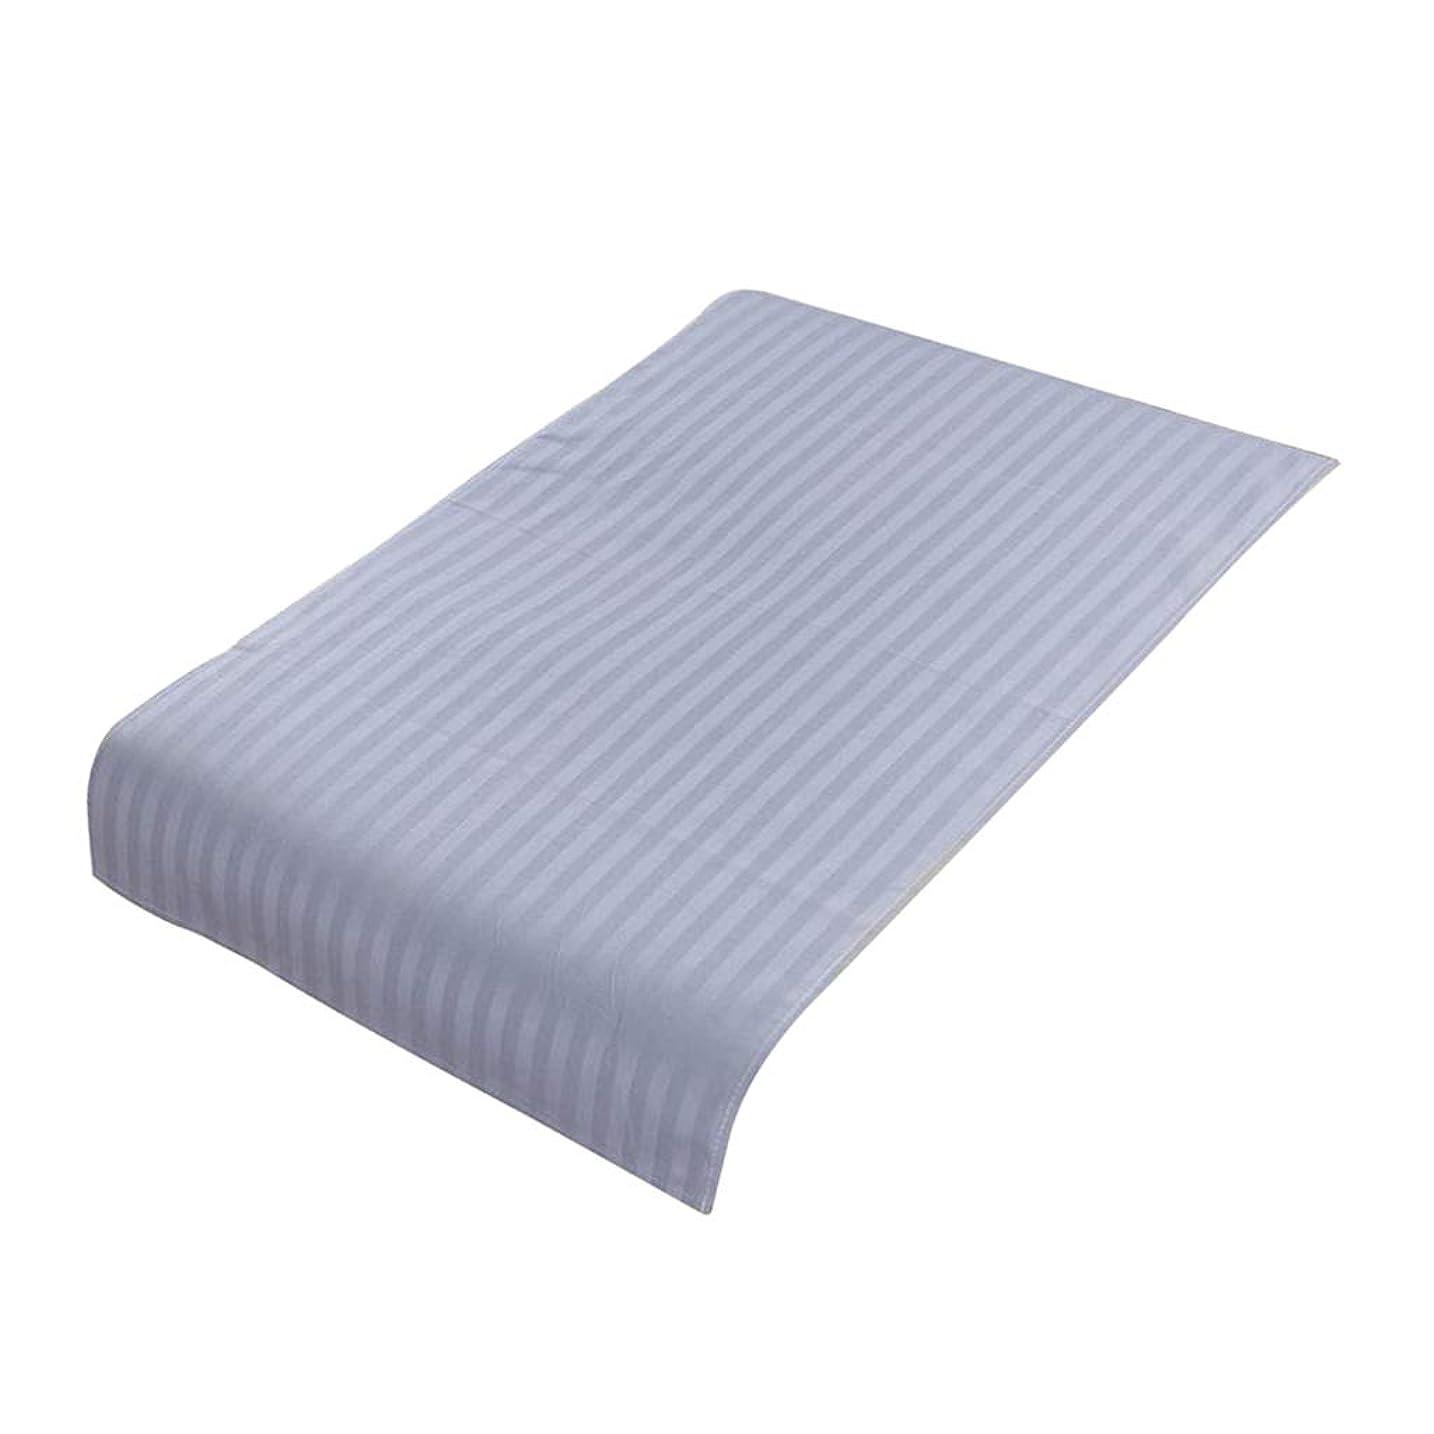 可塑性ピック恩赦PETSOLA 美容院ベッドカバー 断面 スパ マッサージベッドスカート ピュアコットン 快適 (90×60cm) - ライトブルー